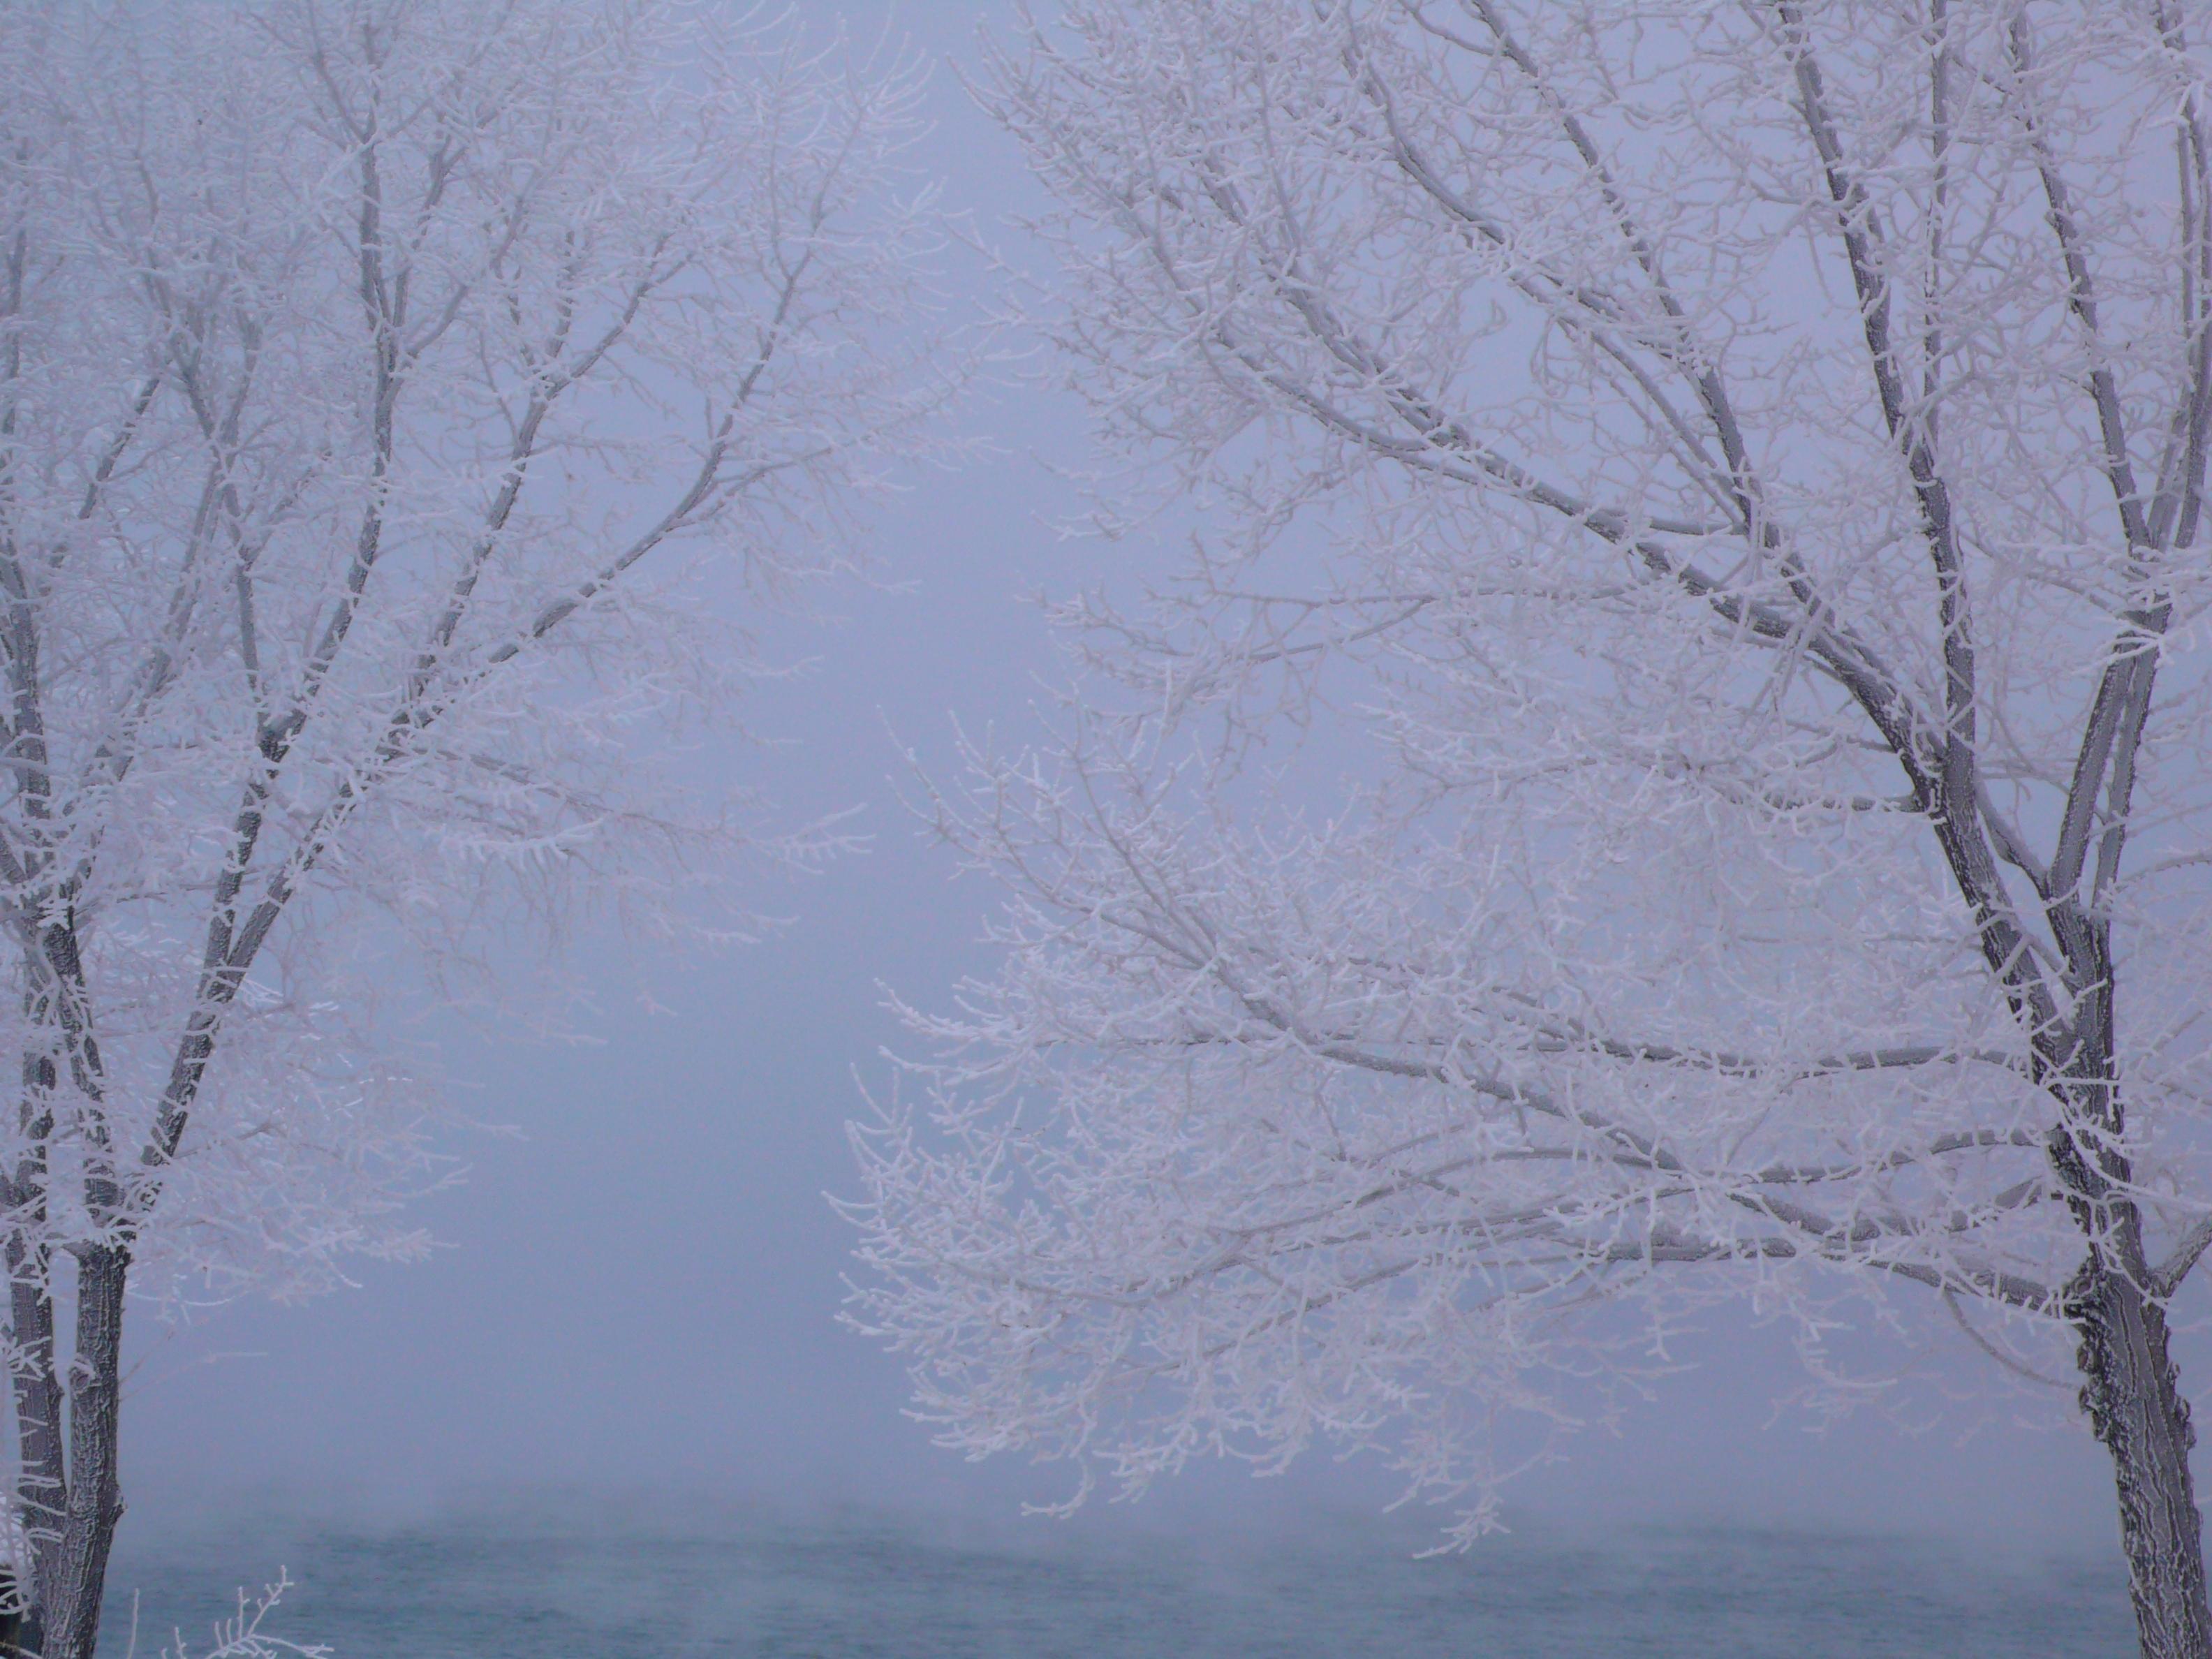 7 Winter Scenes for Winter Solstice | FranGallo's Blog